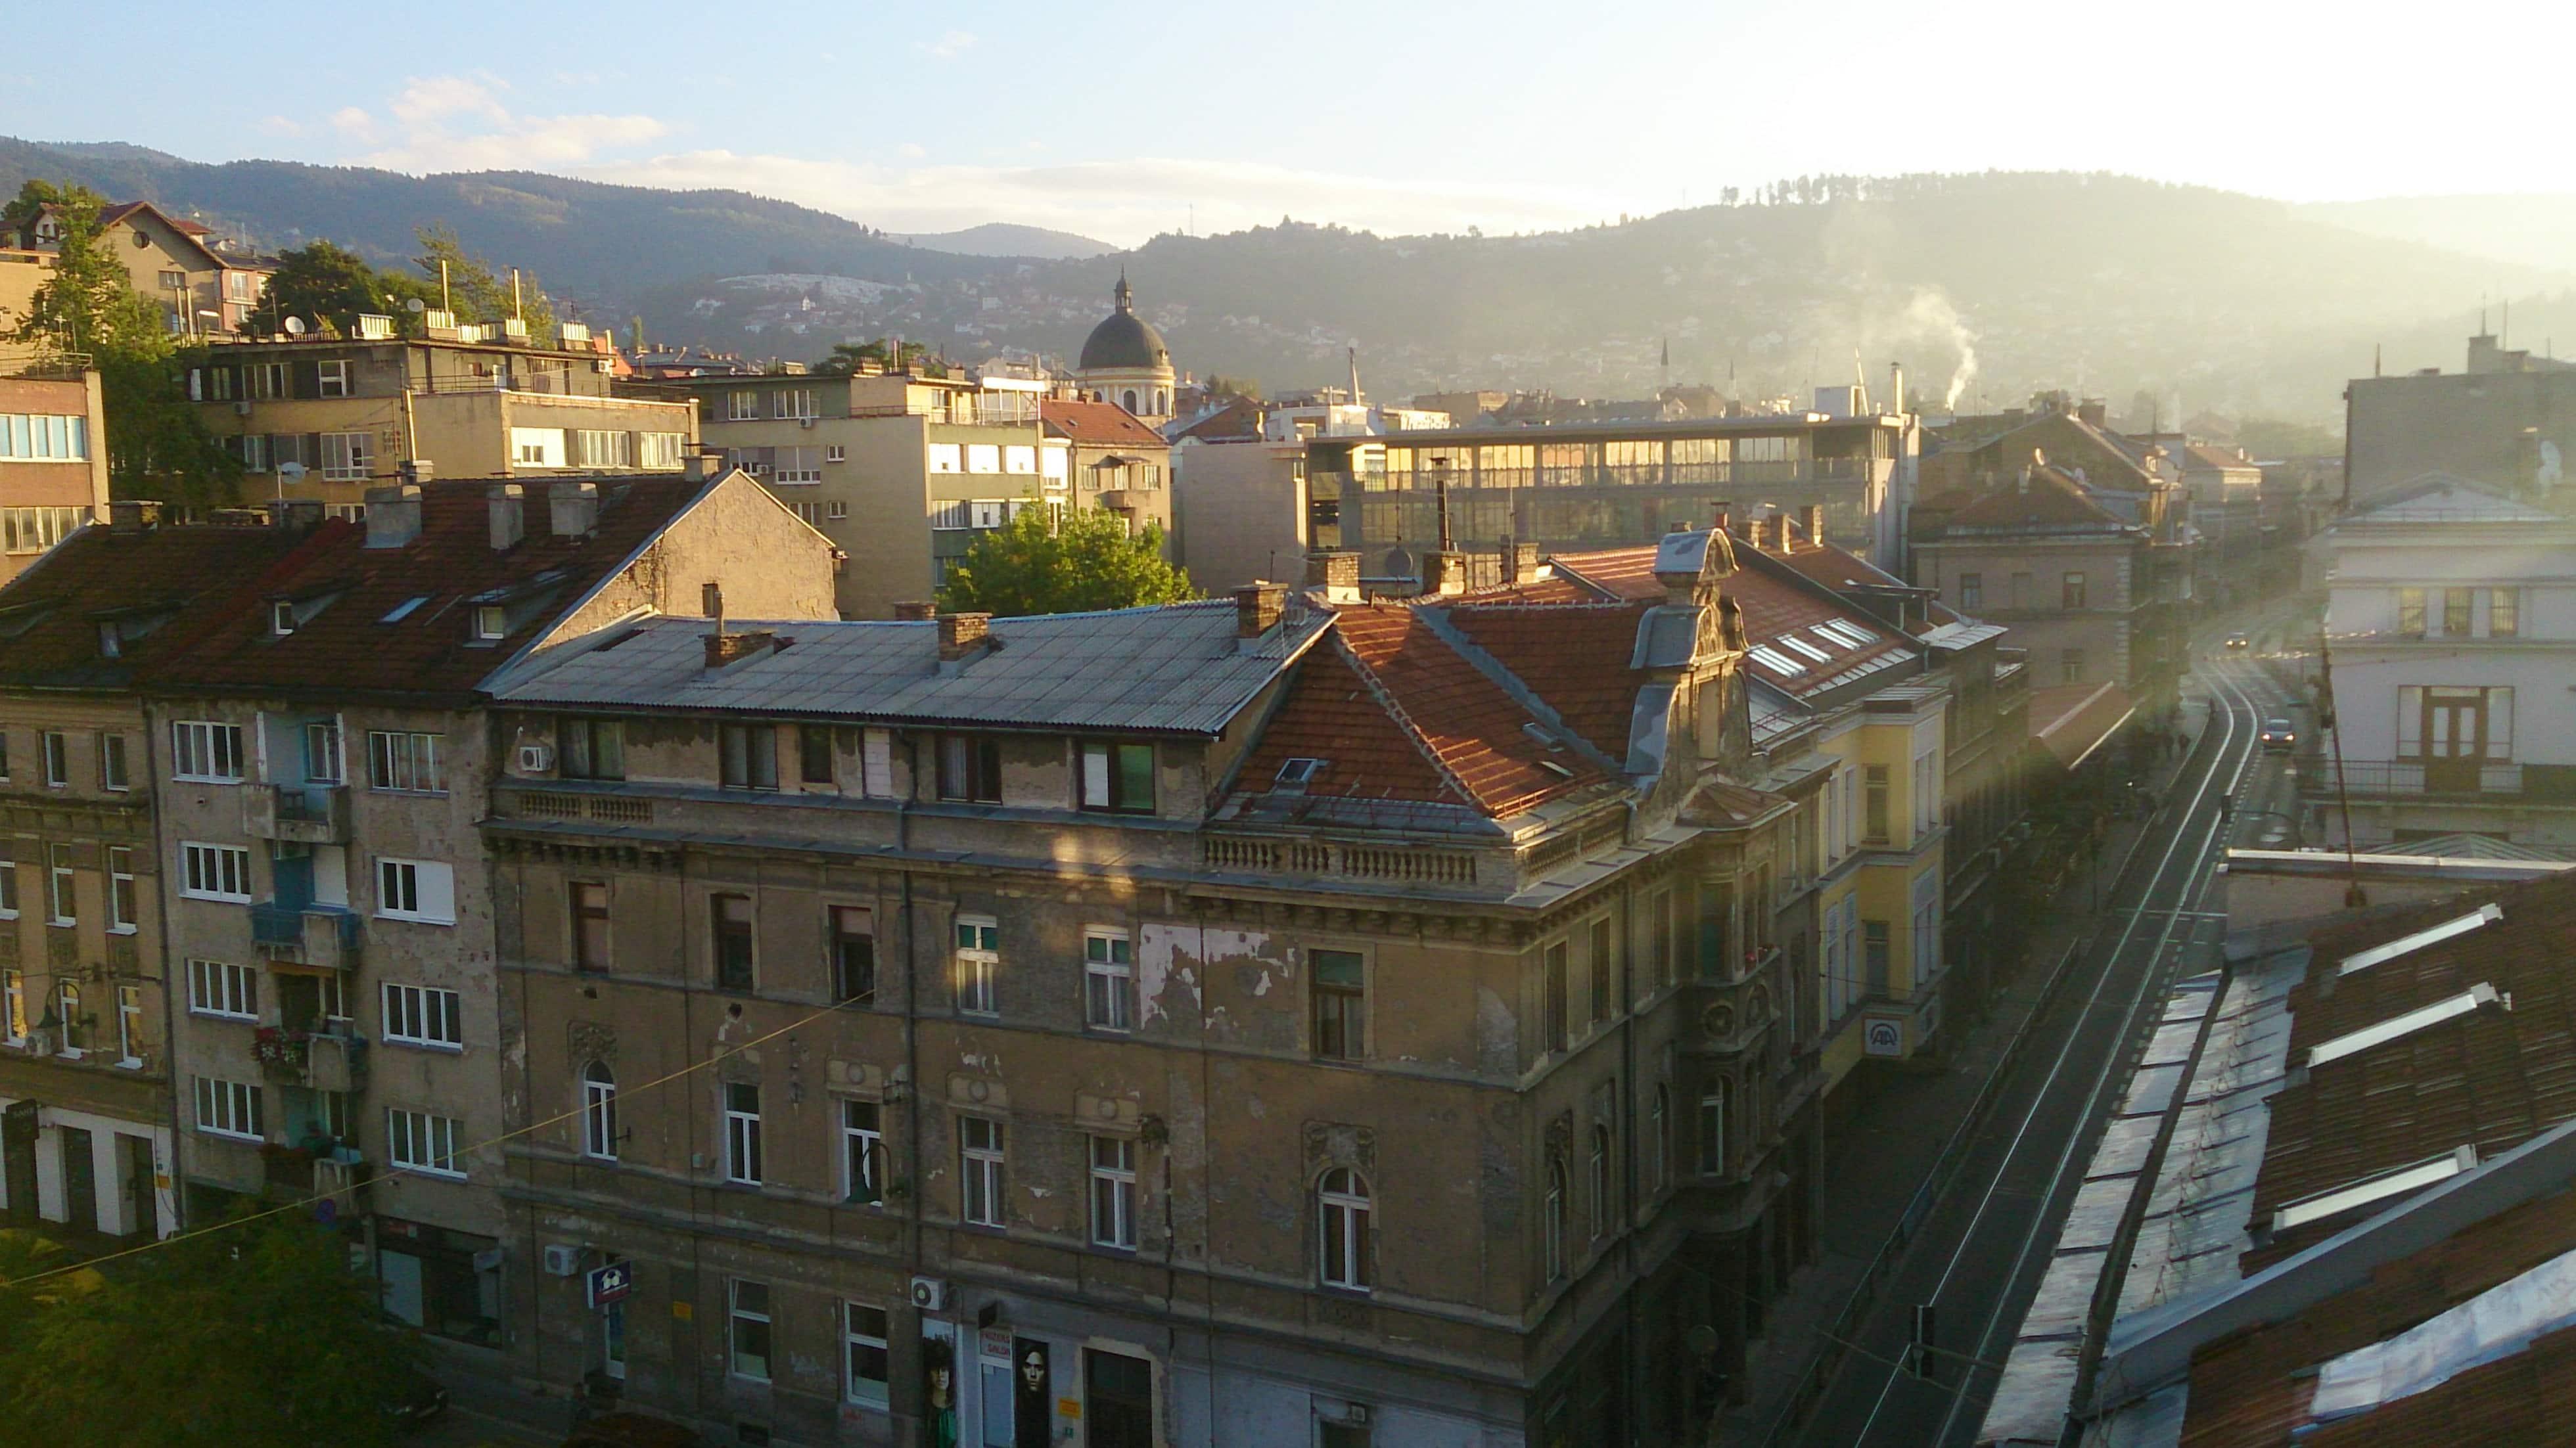 Sonnenaufgang in Sarajevo in Bosnien Herzegowina